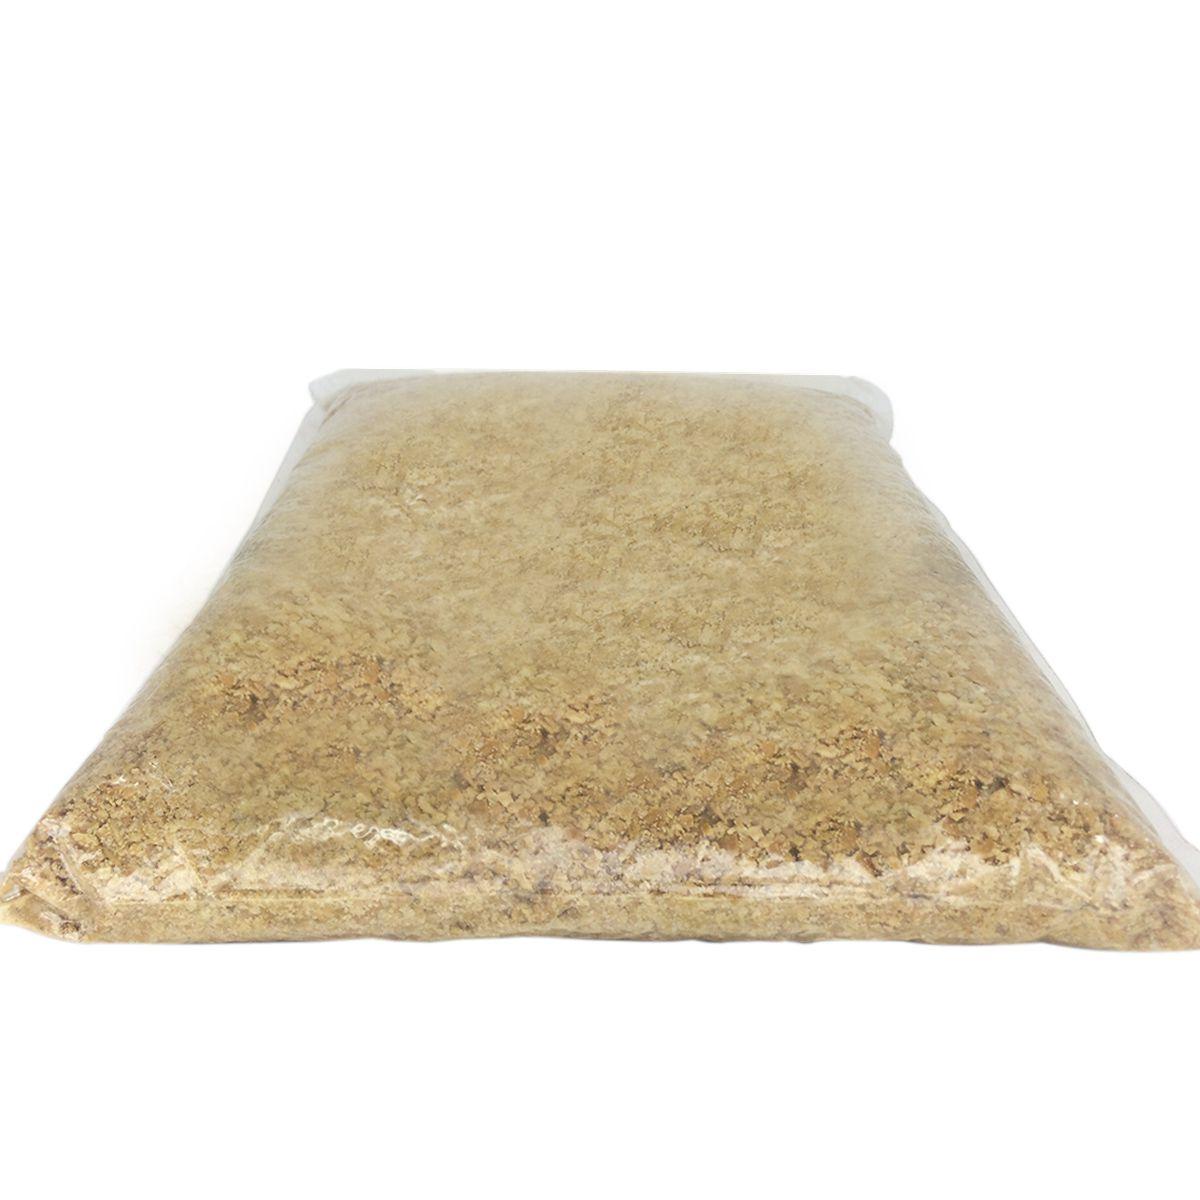 Quirela de Milho Ceva 3 kg